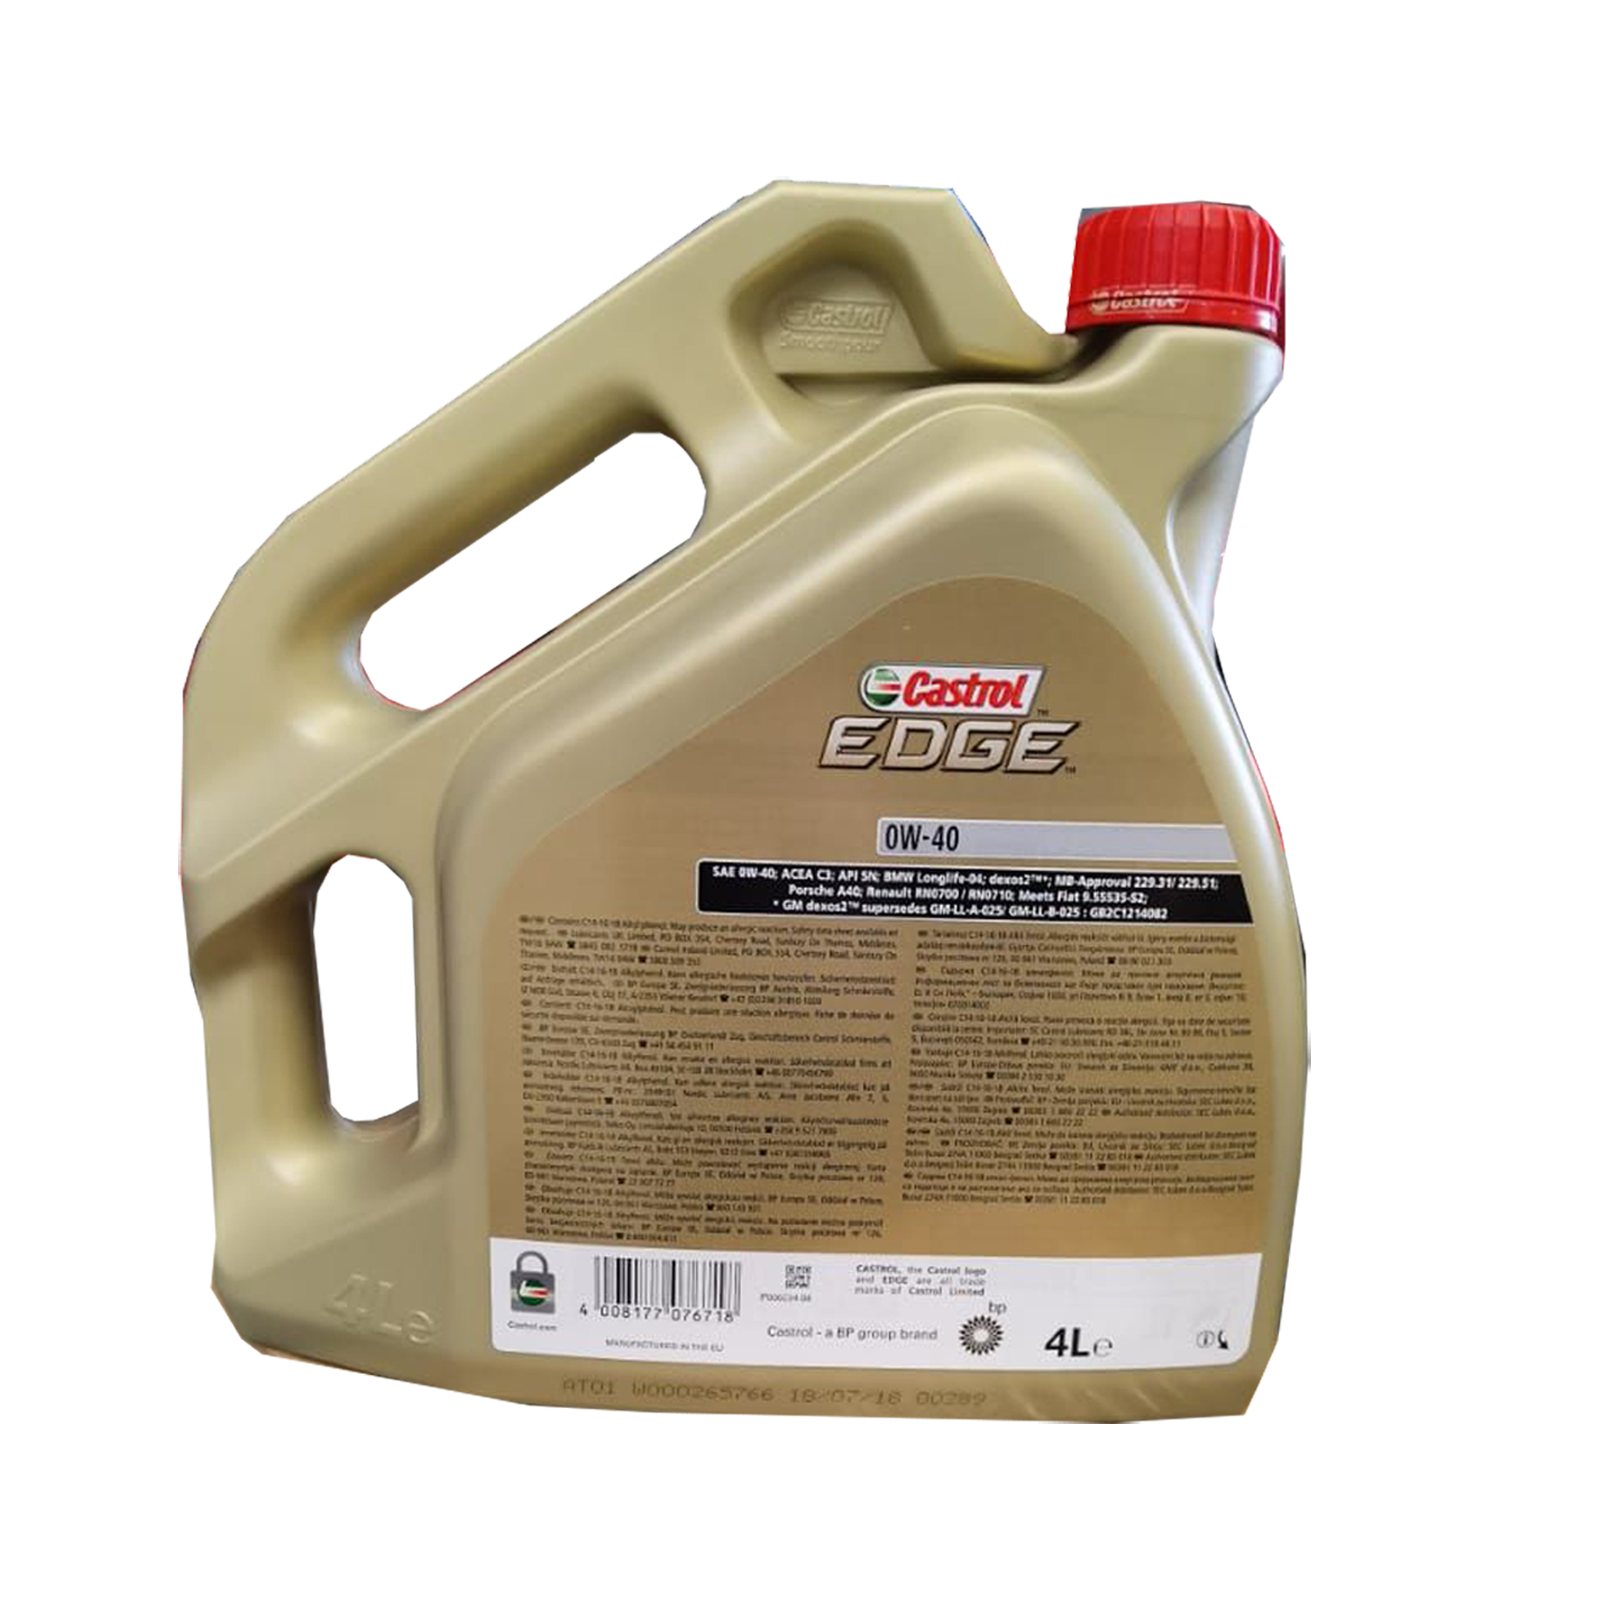 Castrol Edge 0W-40 Motoröl, 4l